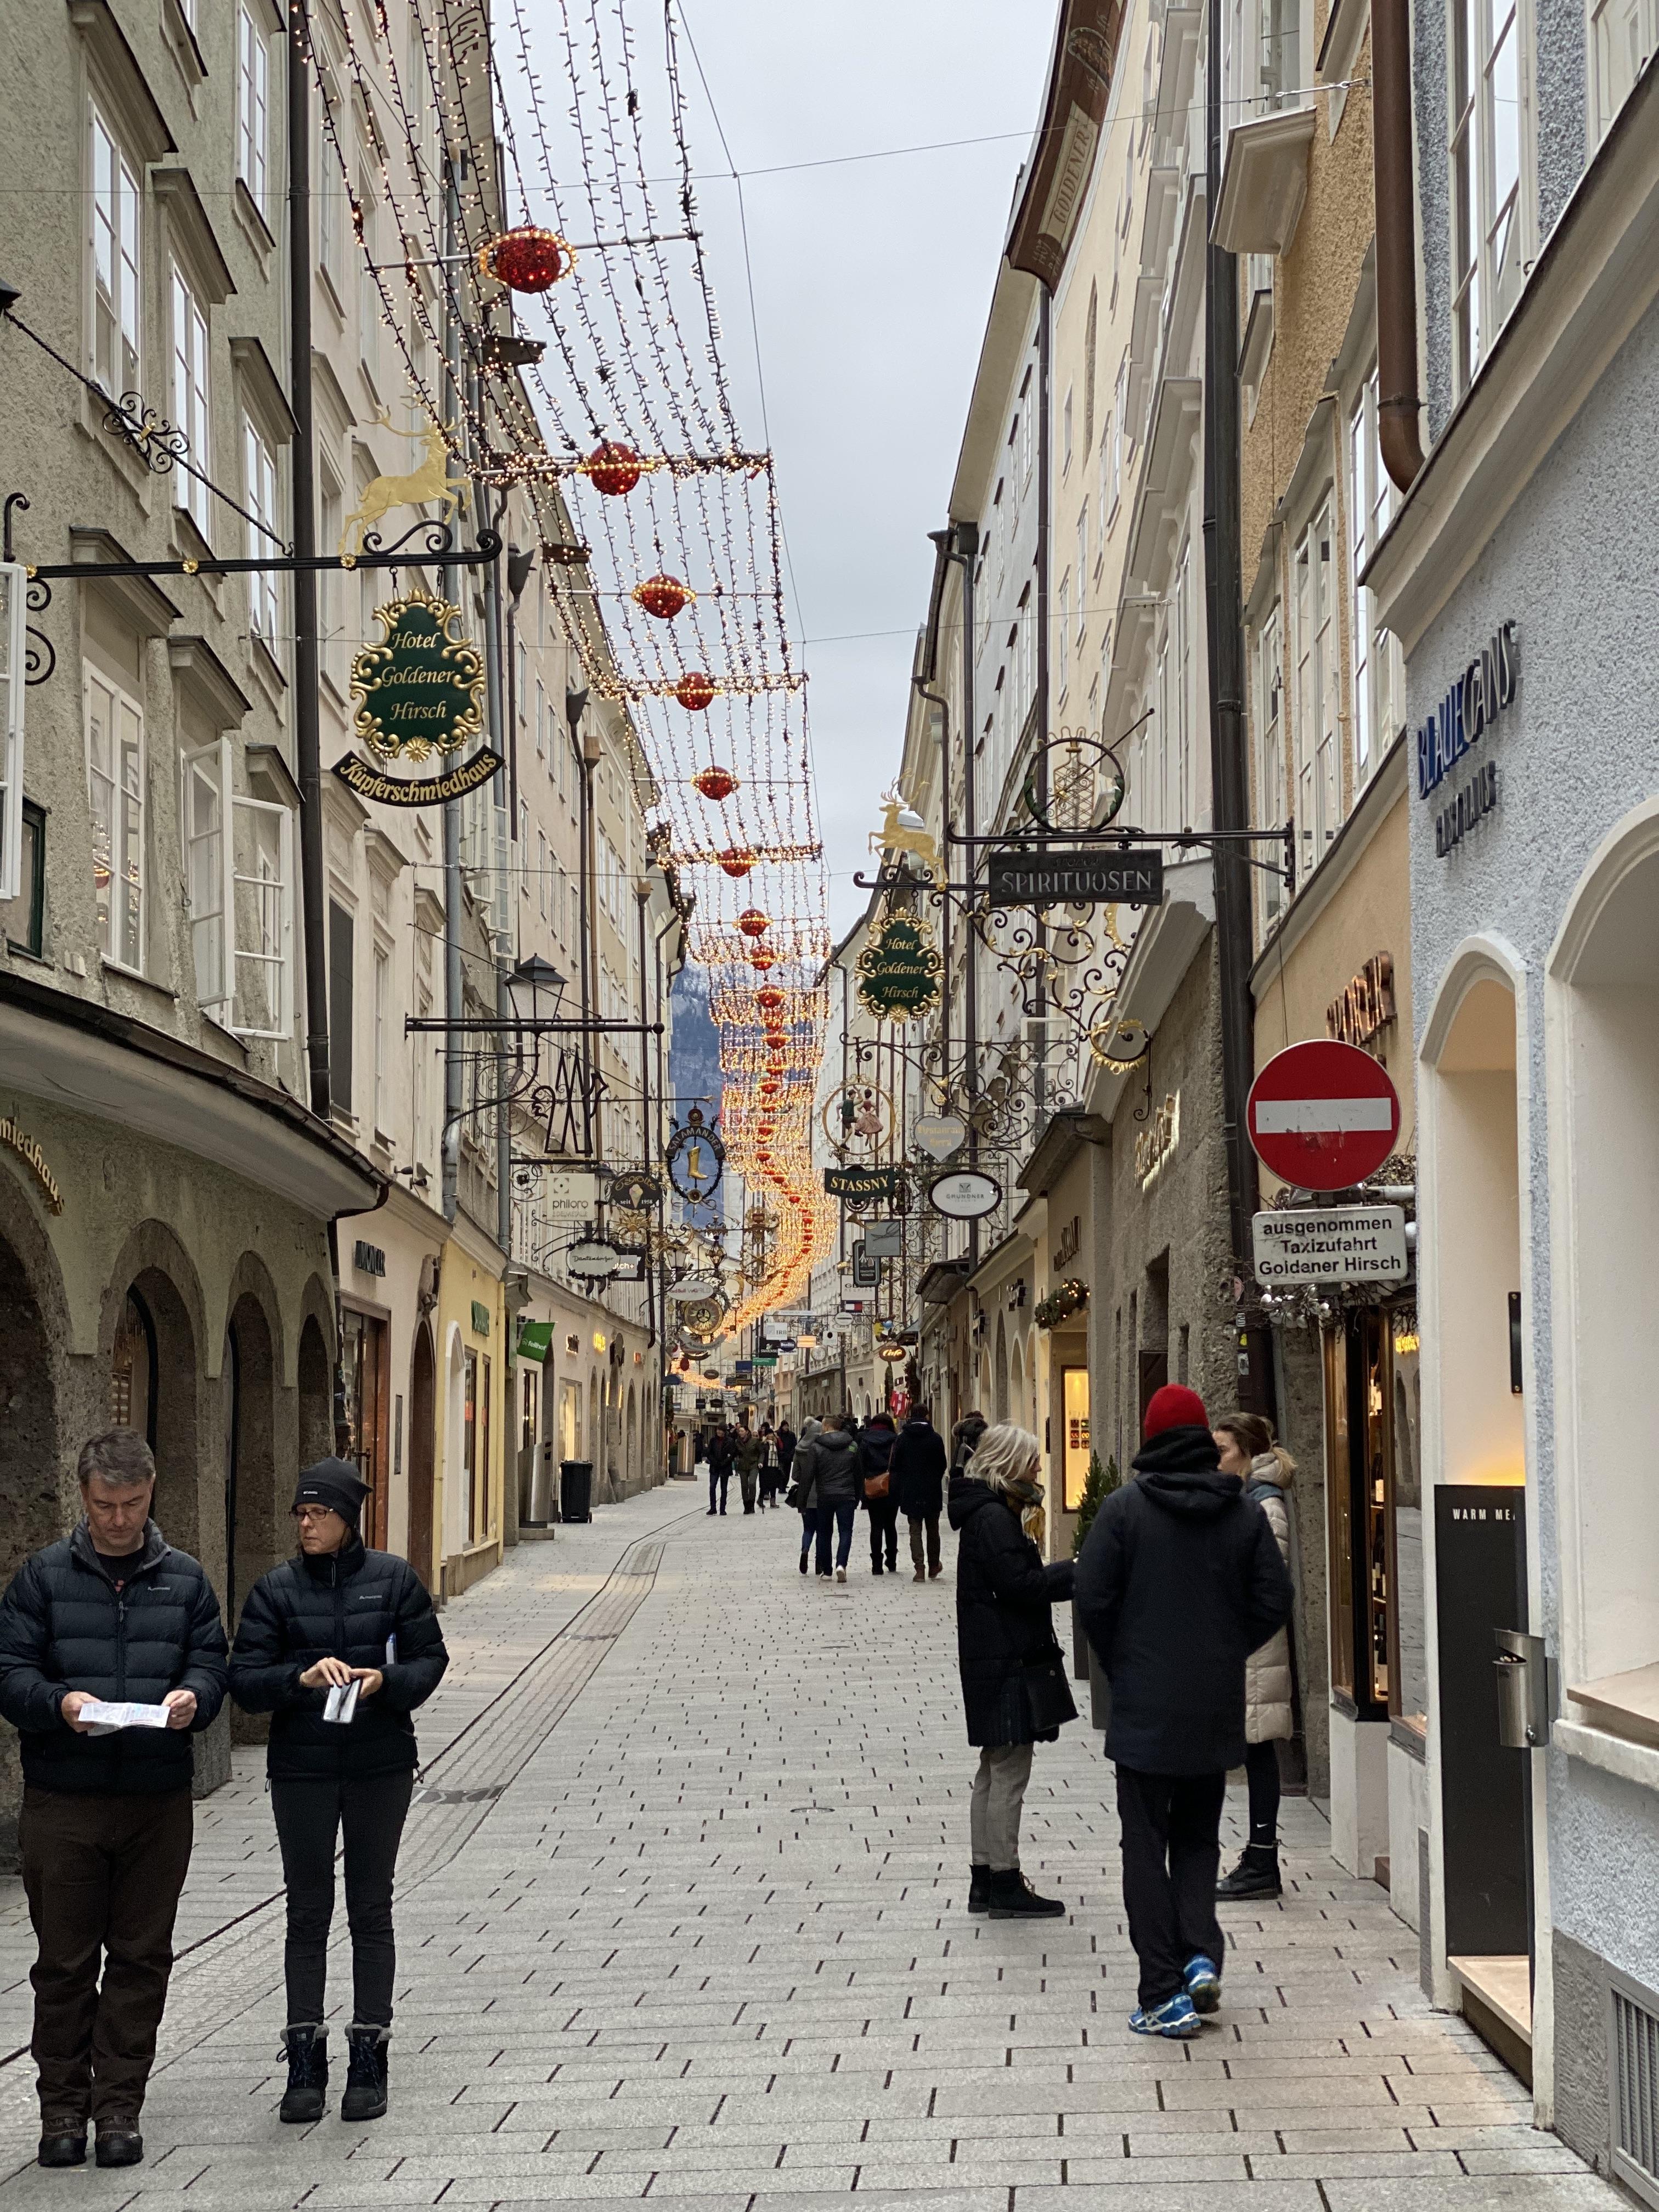 Getreidegasse shopping street in Salzburg Old Town.